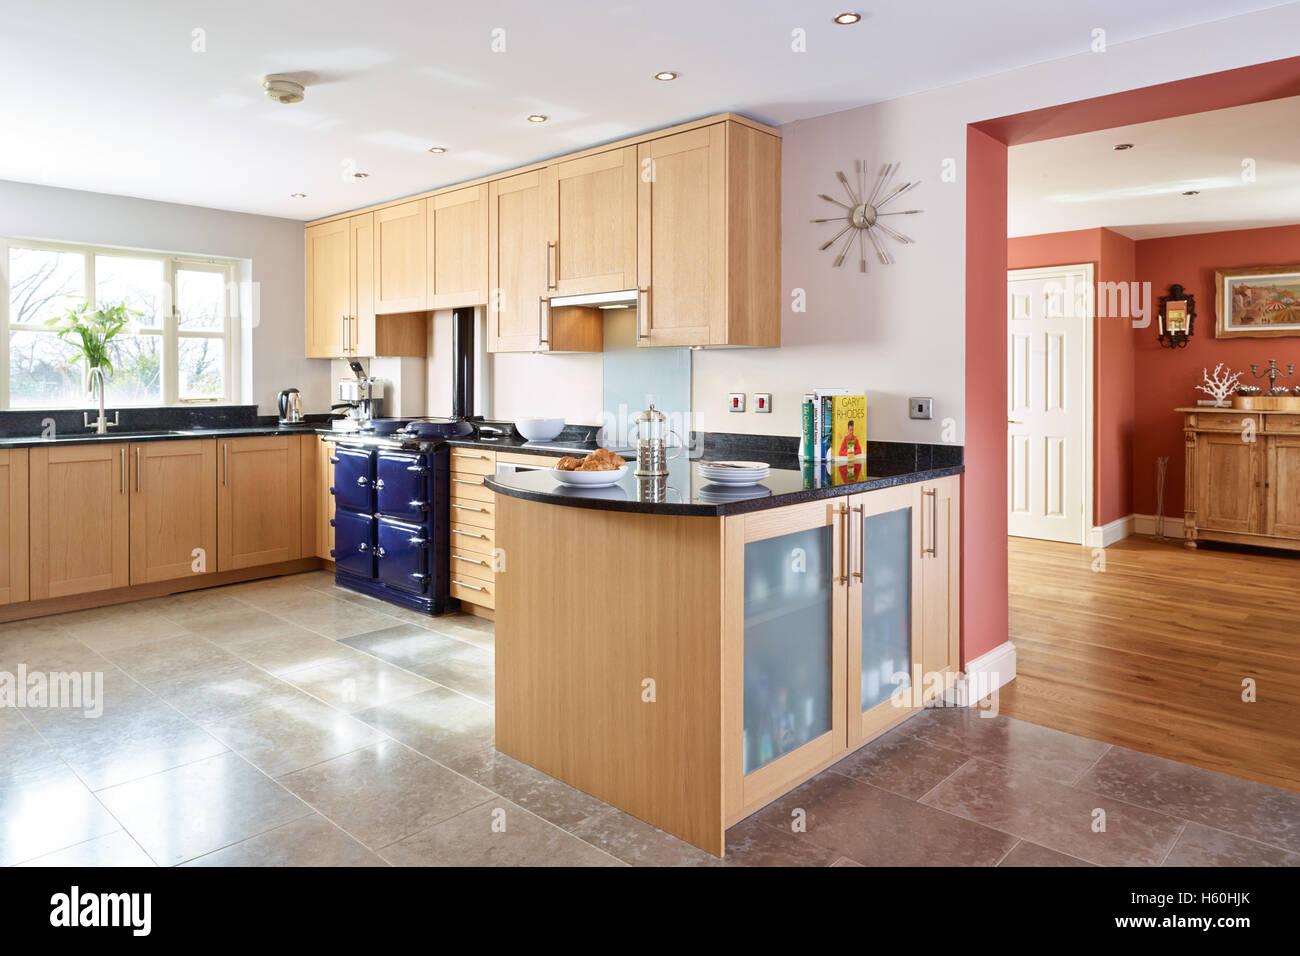 Kitchen Granite Worktops Granite Worktops Stock Photos Granite Worktops Stock Images Alamy